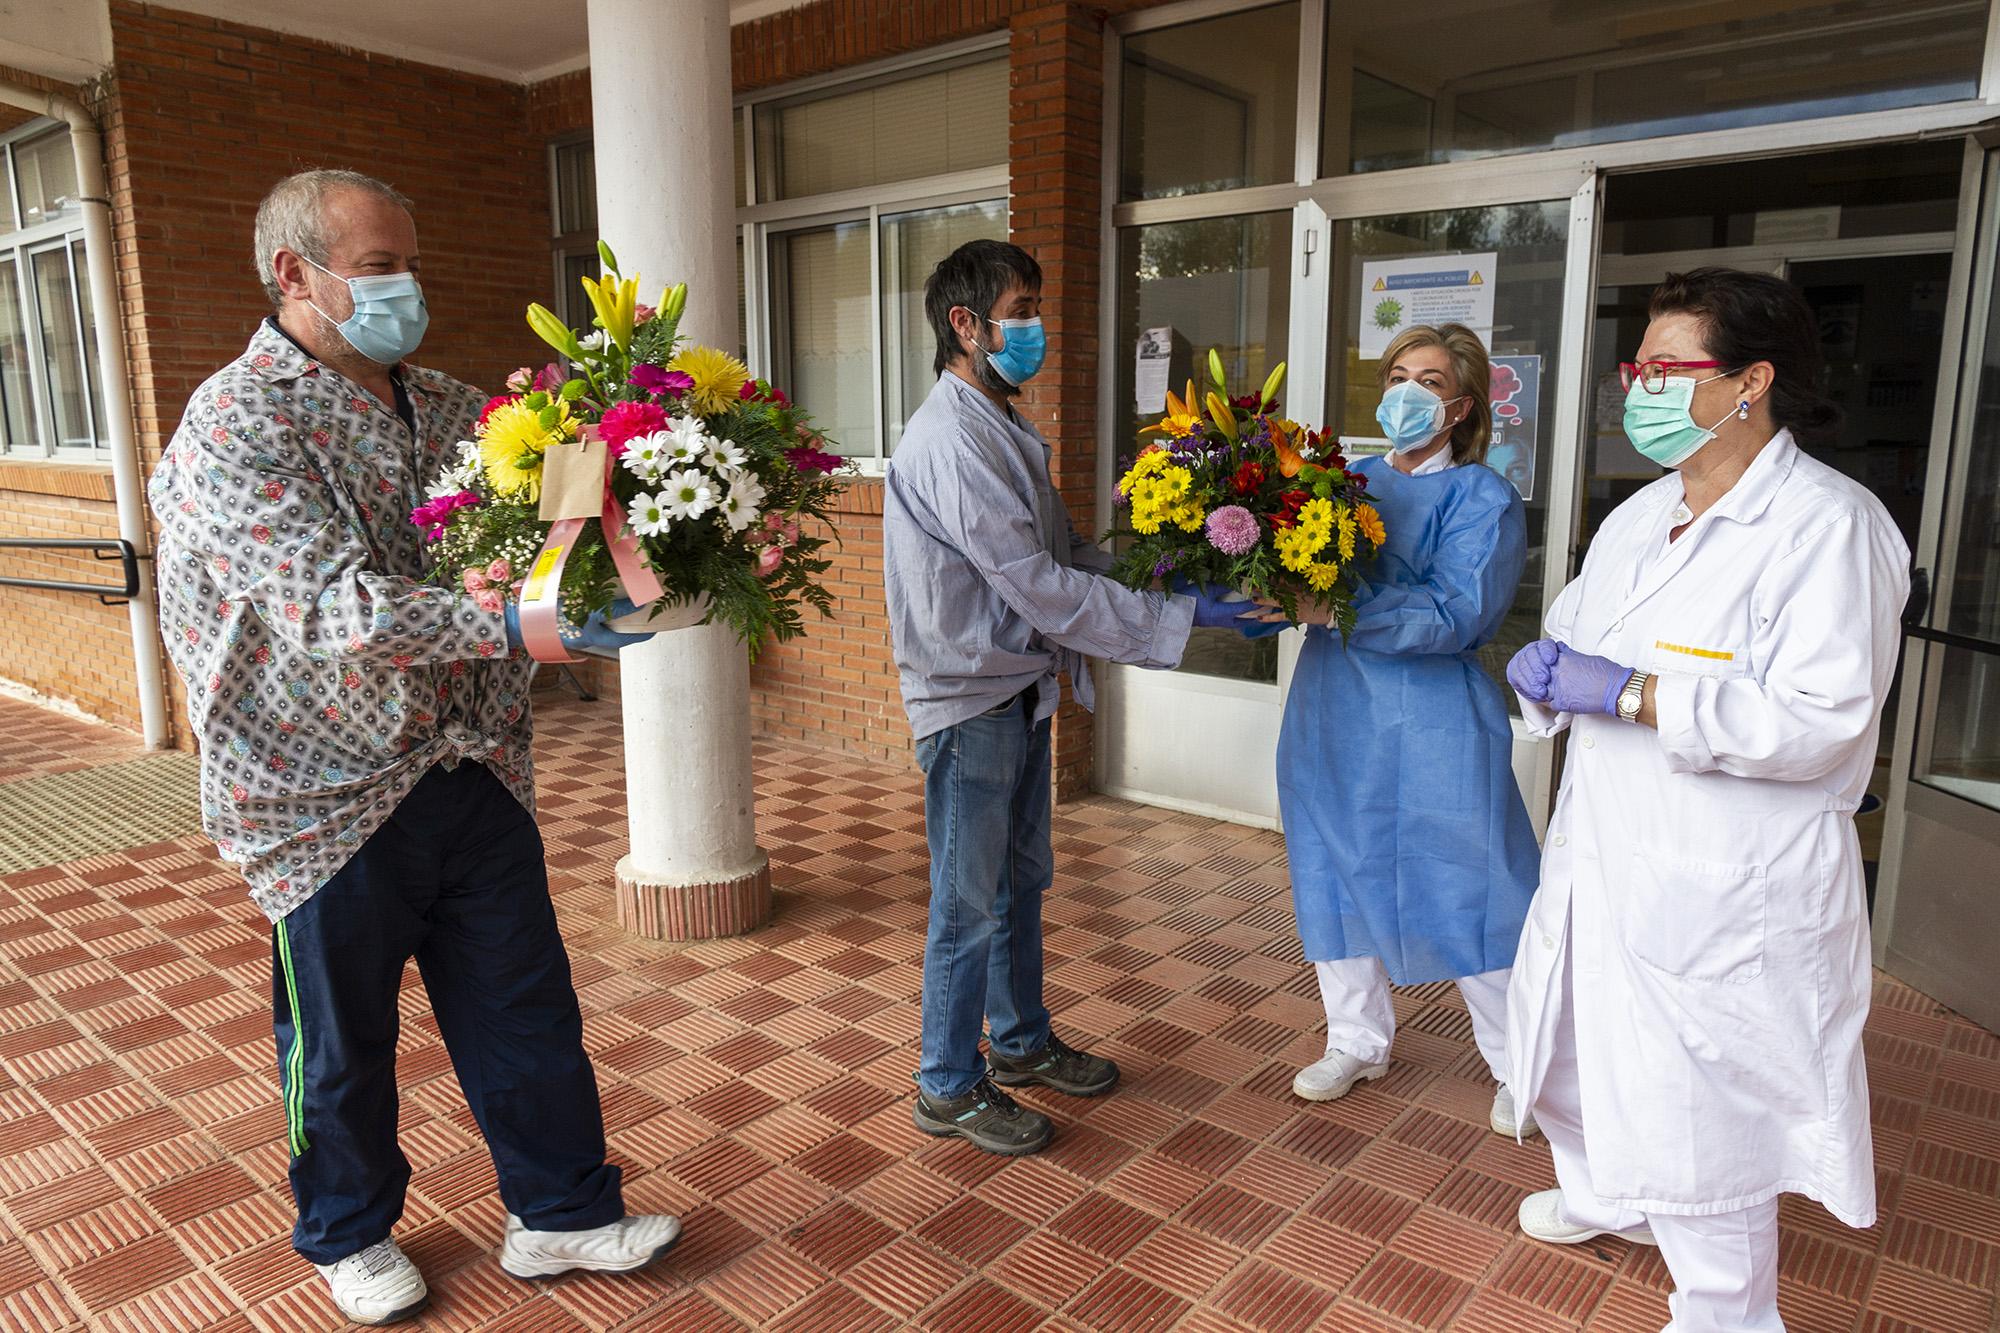 Entrega de flores a los sanitarios. Fotografías: Beatriz Montero